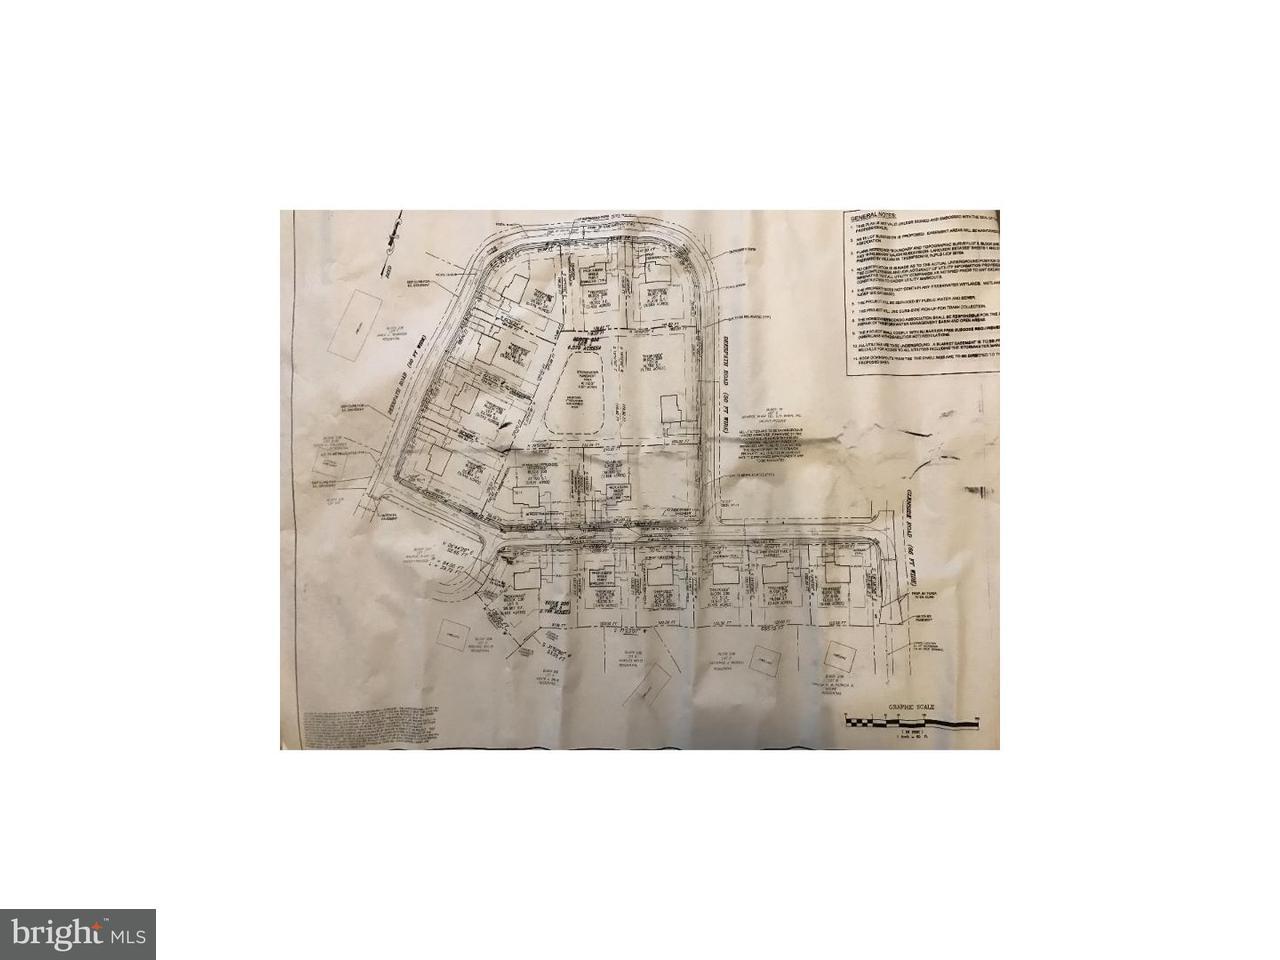 Частный односемейный дом для того Продажа на 99999 DEER PATH Road Millville, Нью-Джерси 08332 Соединенные Штаты